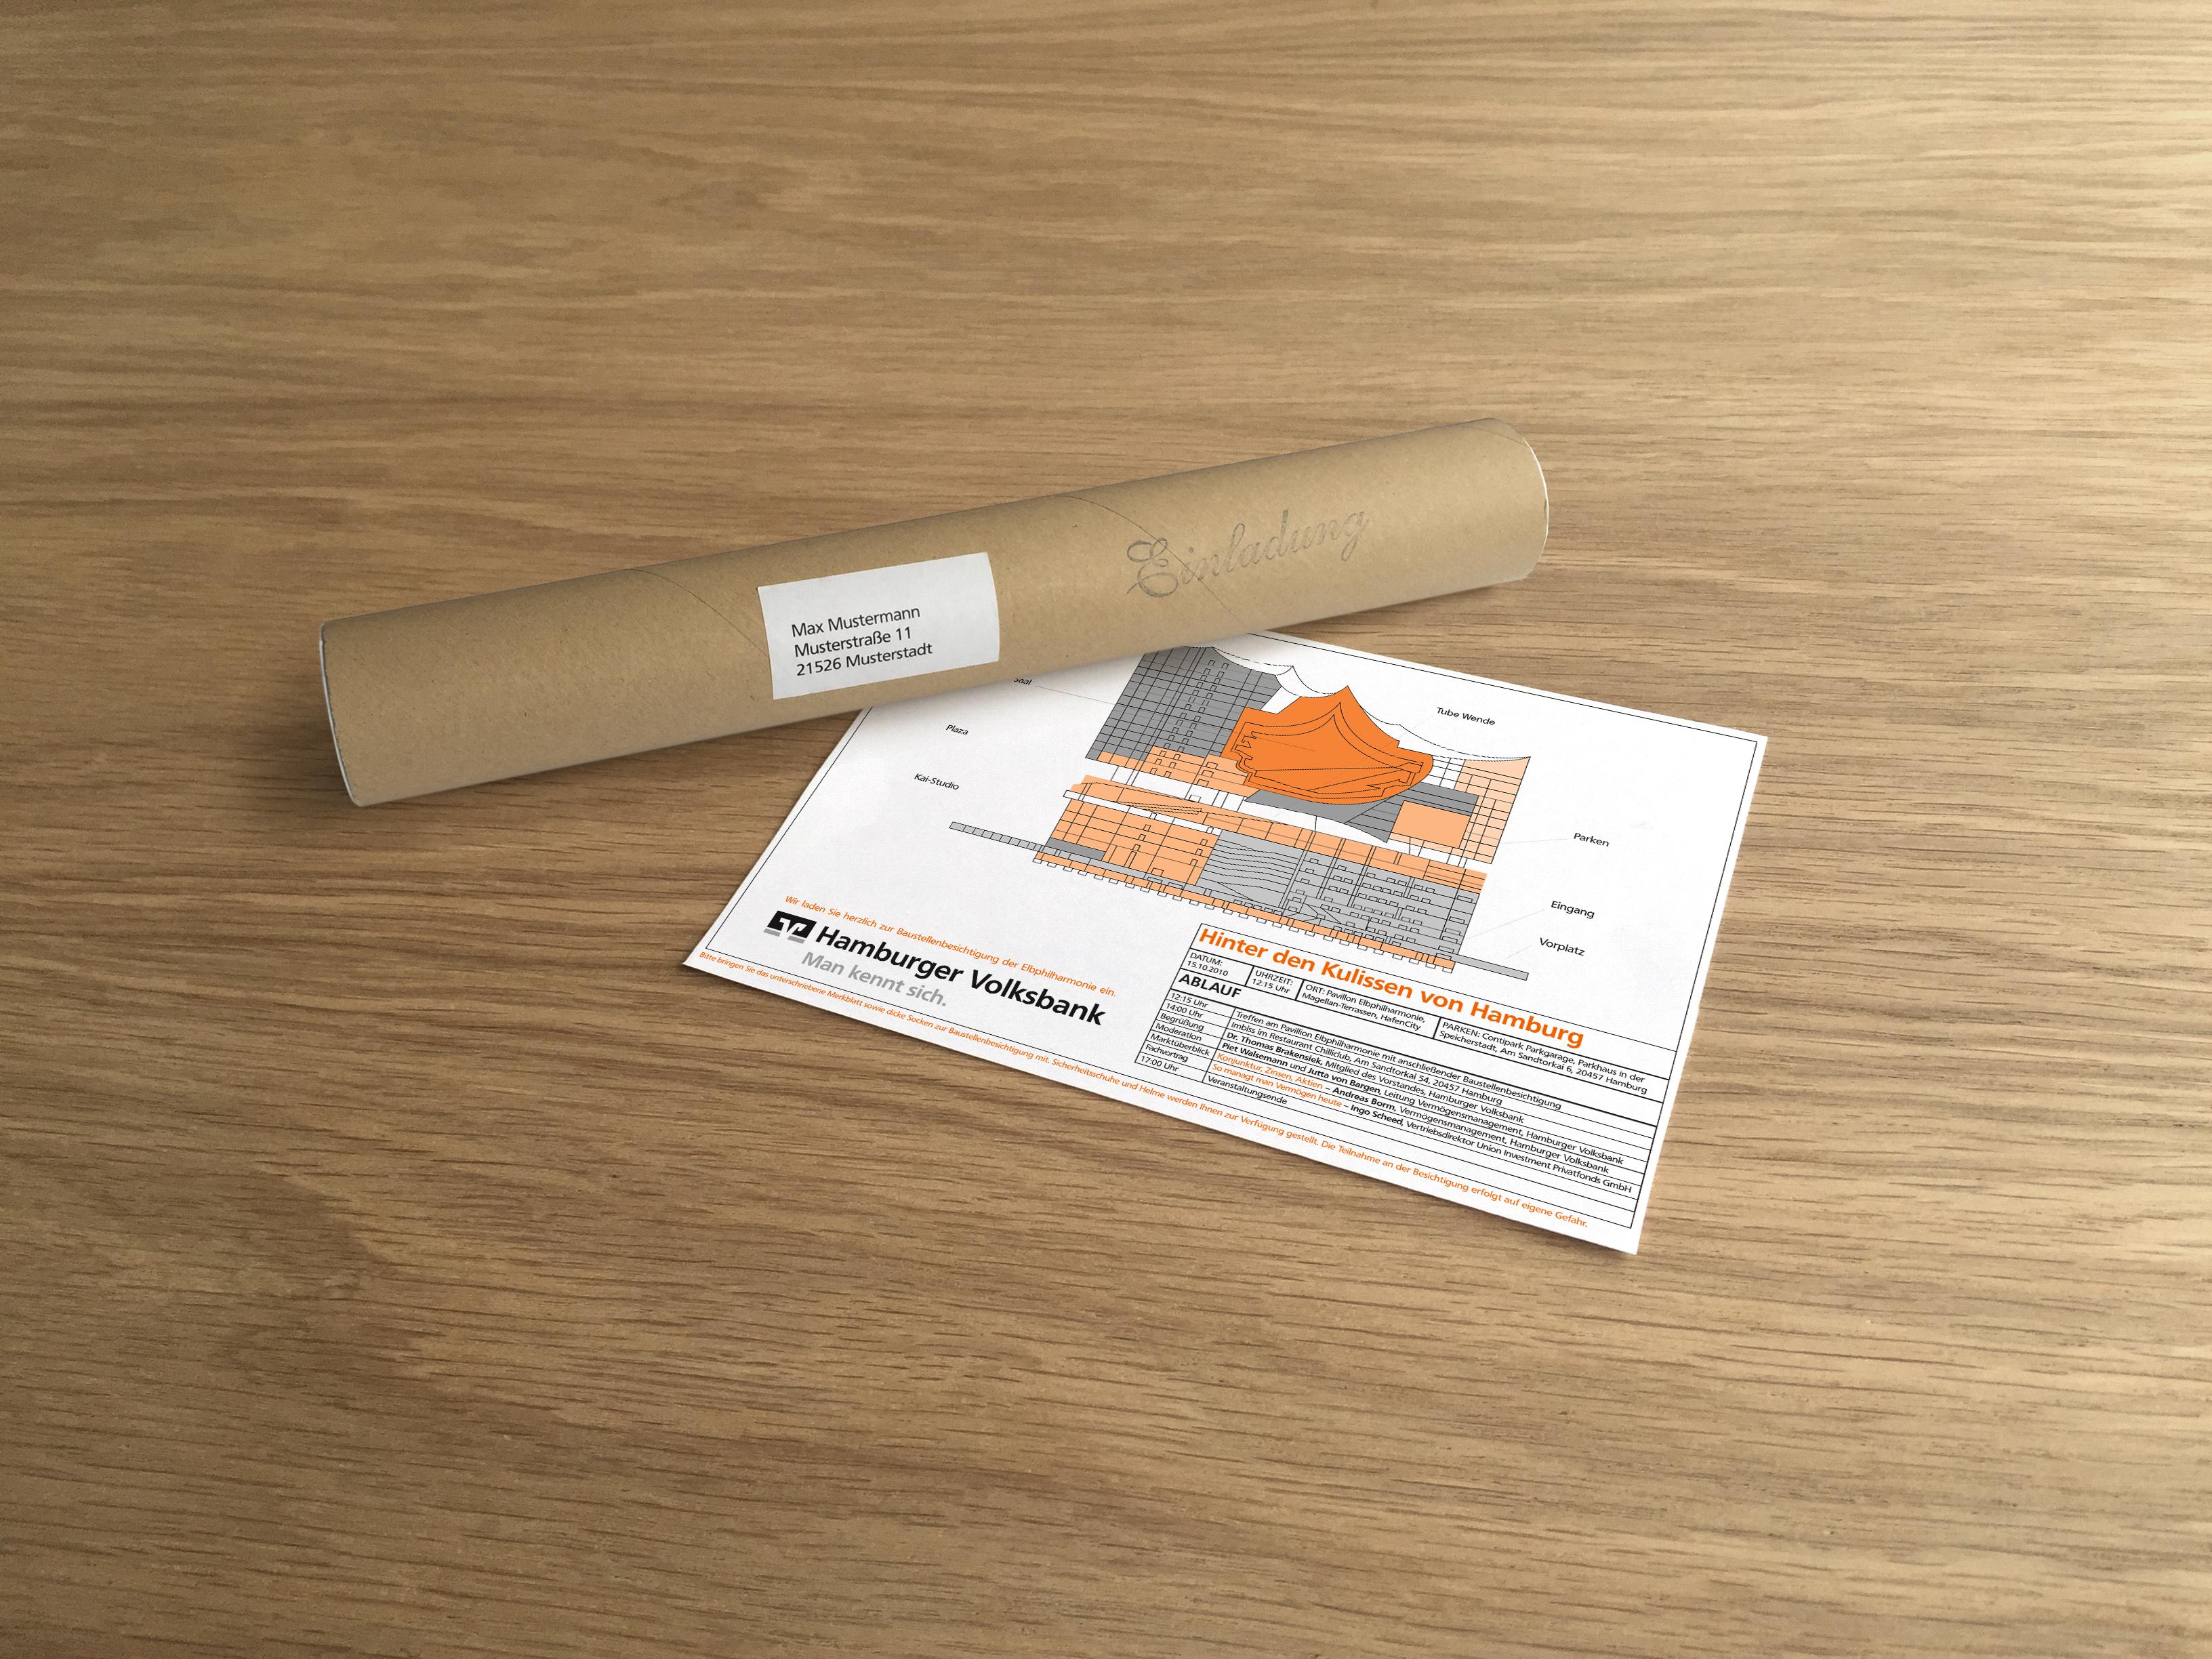 Hamburger Volksbank Einladung Baustellenbesichtigung Elbphilharmonie